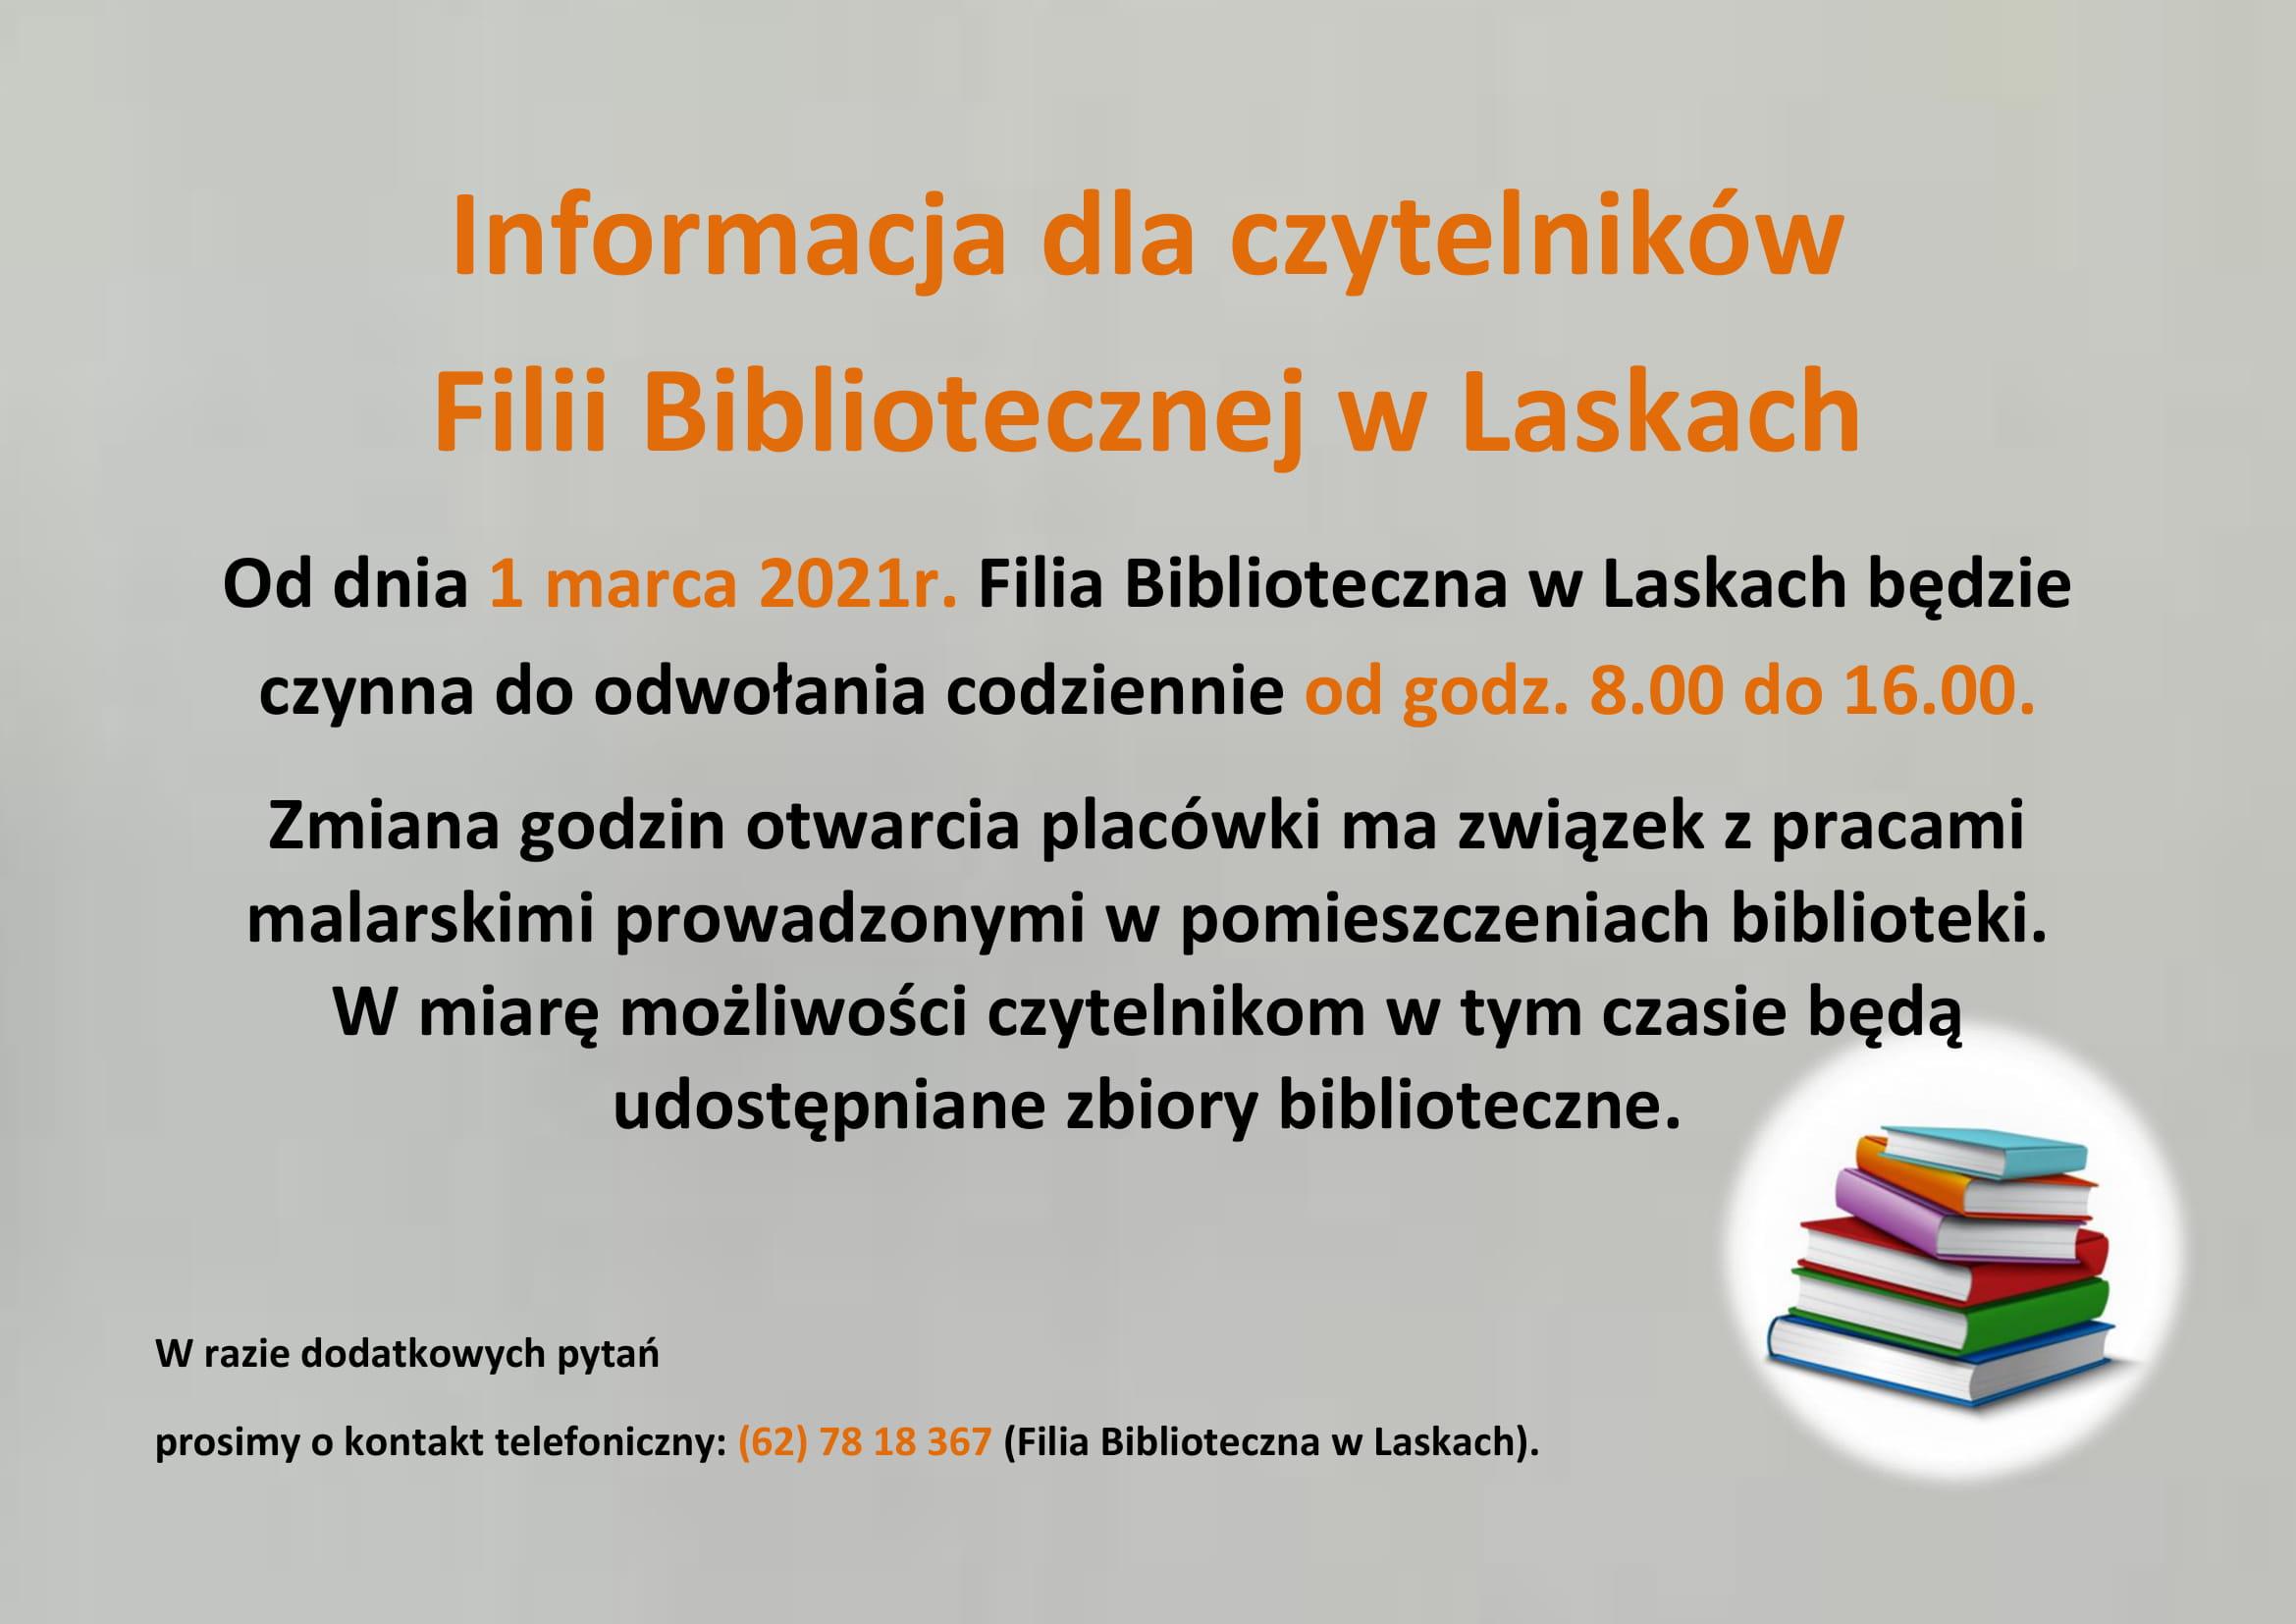 Informacja dla czytelników Filii Bibliotecznej w Laskach-1